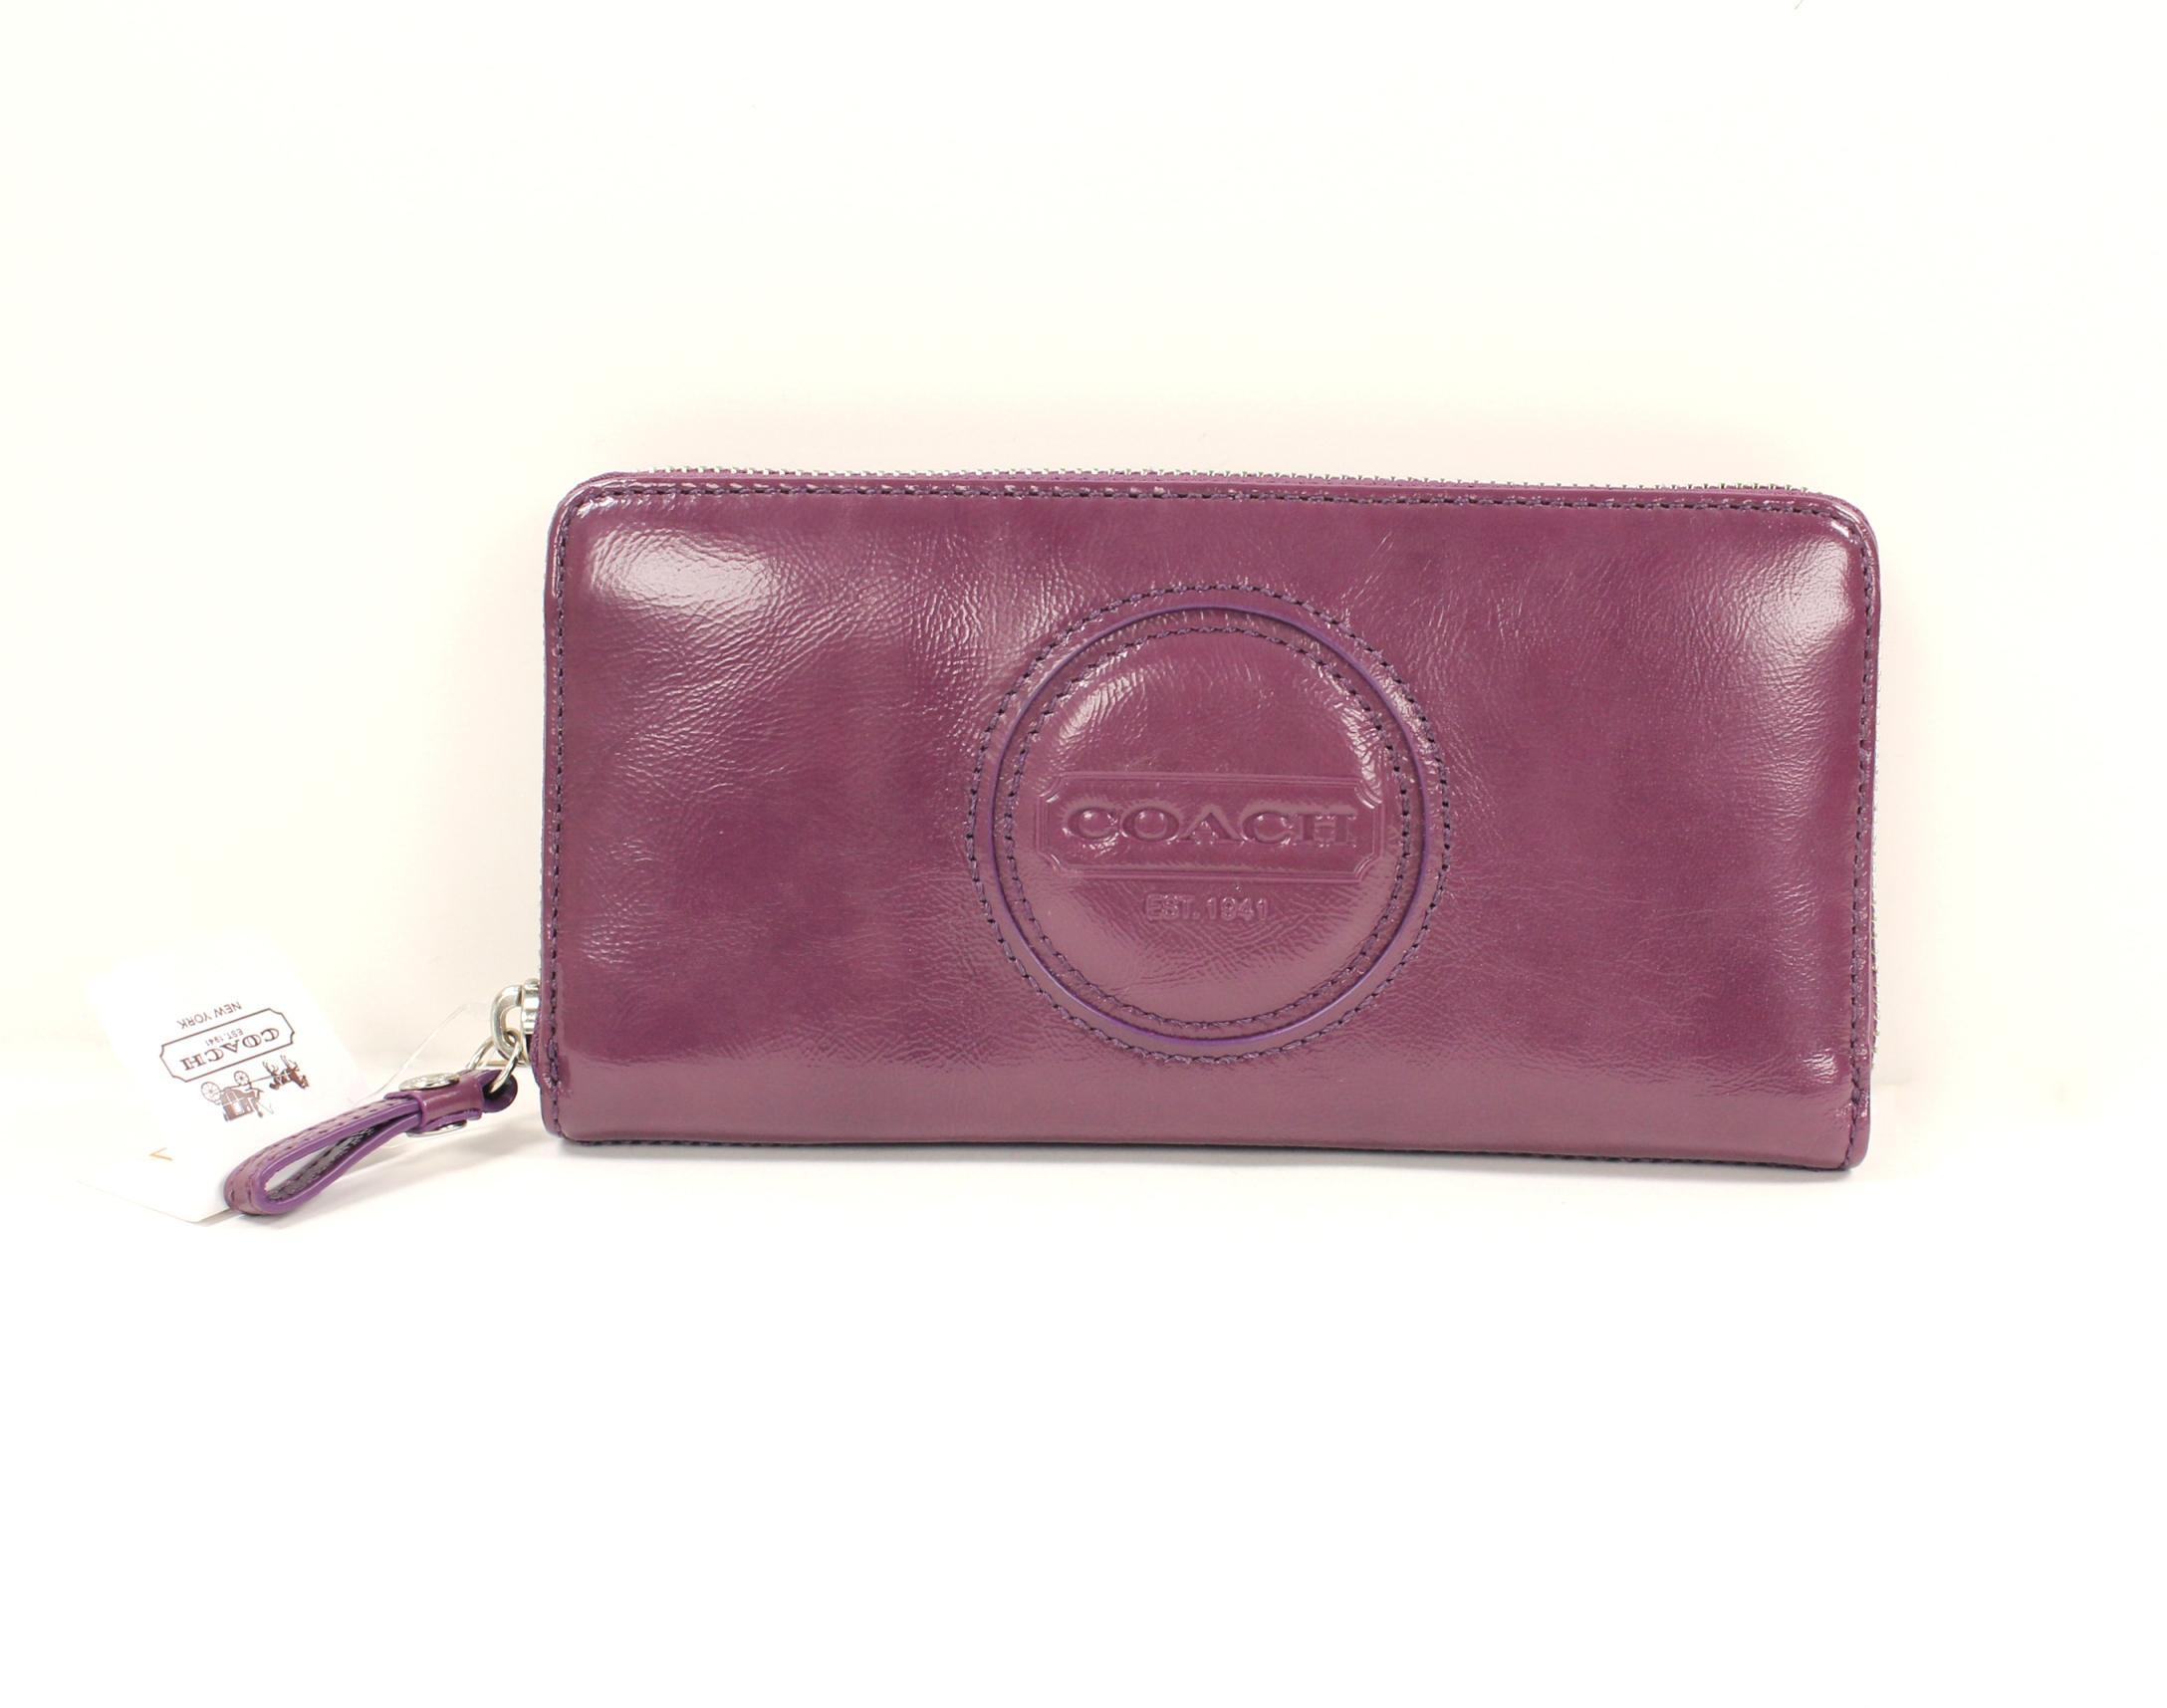 美國百分百【全新真品】Coach 皮夾 49386 長夾 零錢包 中夾 漆皮 紫色 真皮 浮雕 女用 B546